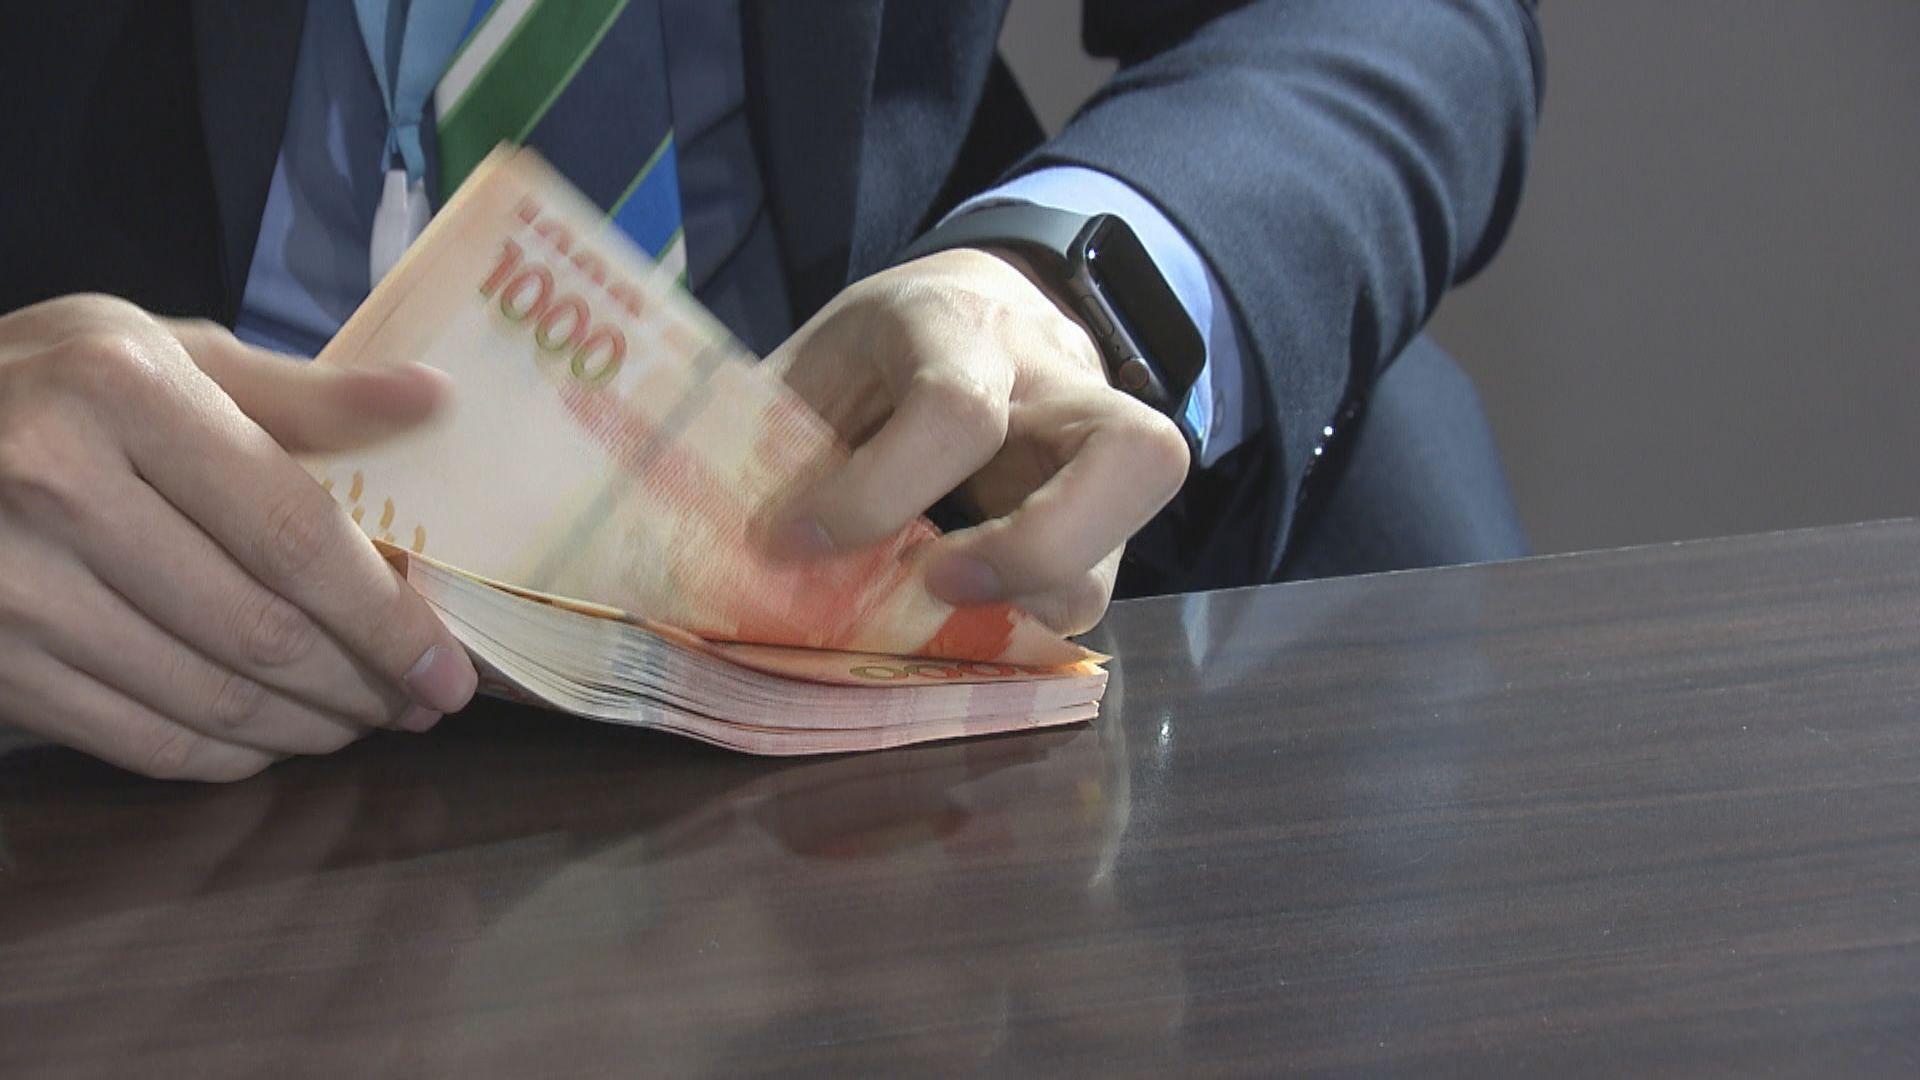 報道指美國排除削弱港元聯匯制度